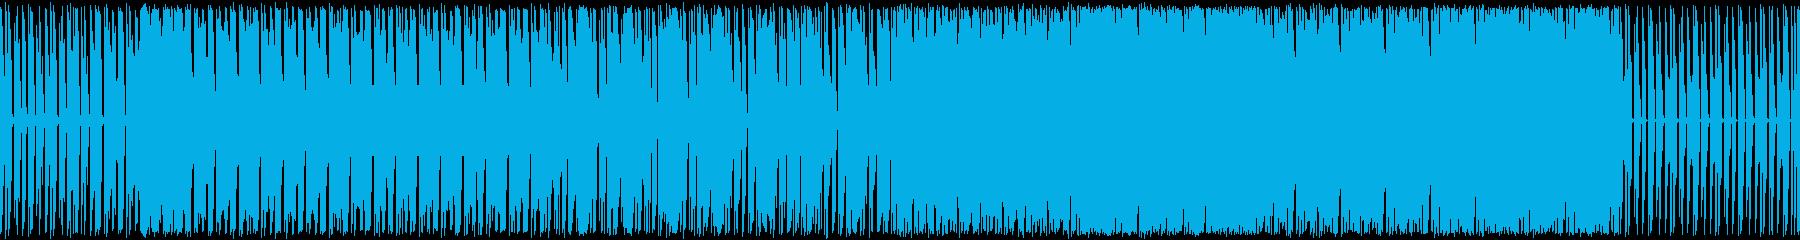 パズルを解いてる時のような雰囲気の曲の再生済みの波形